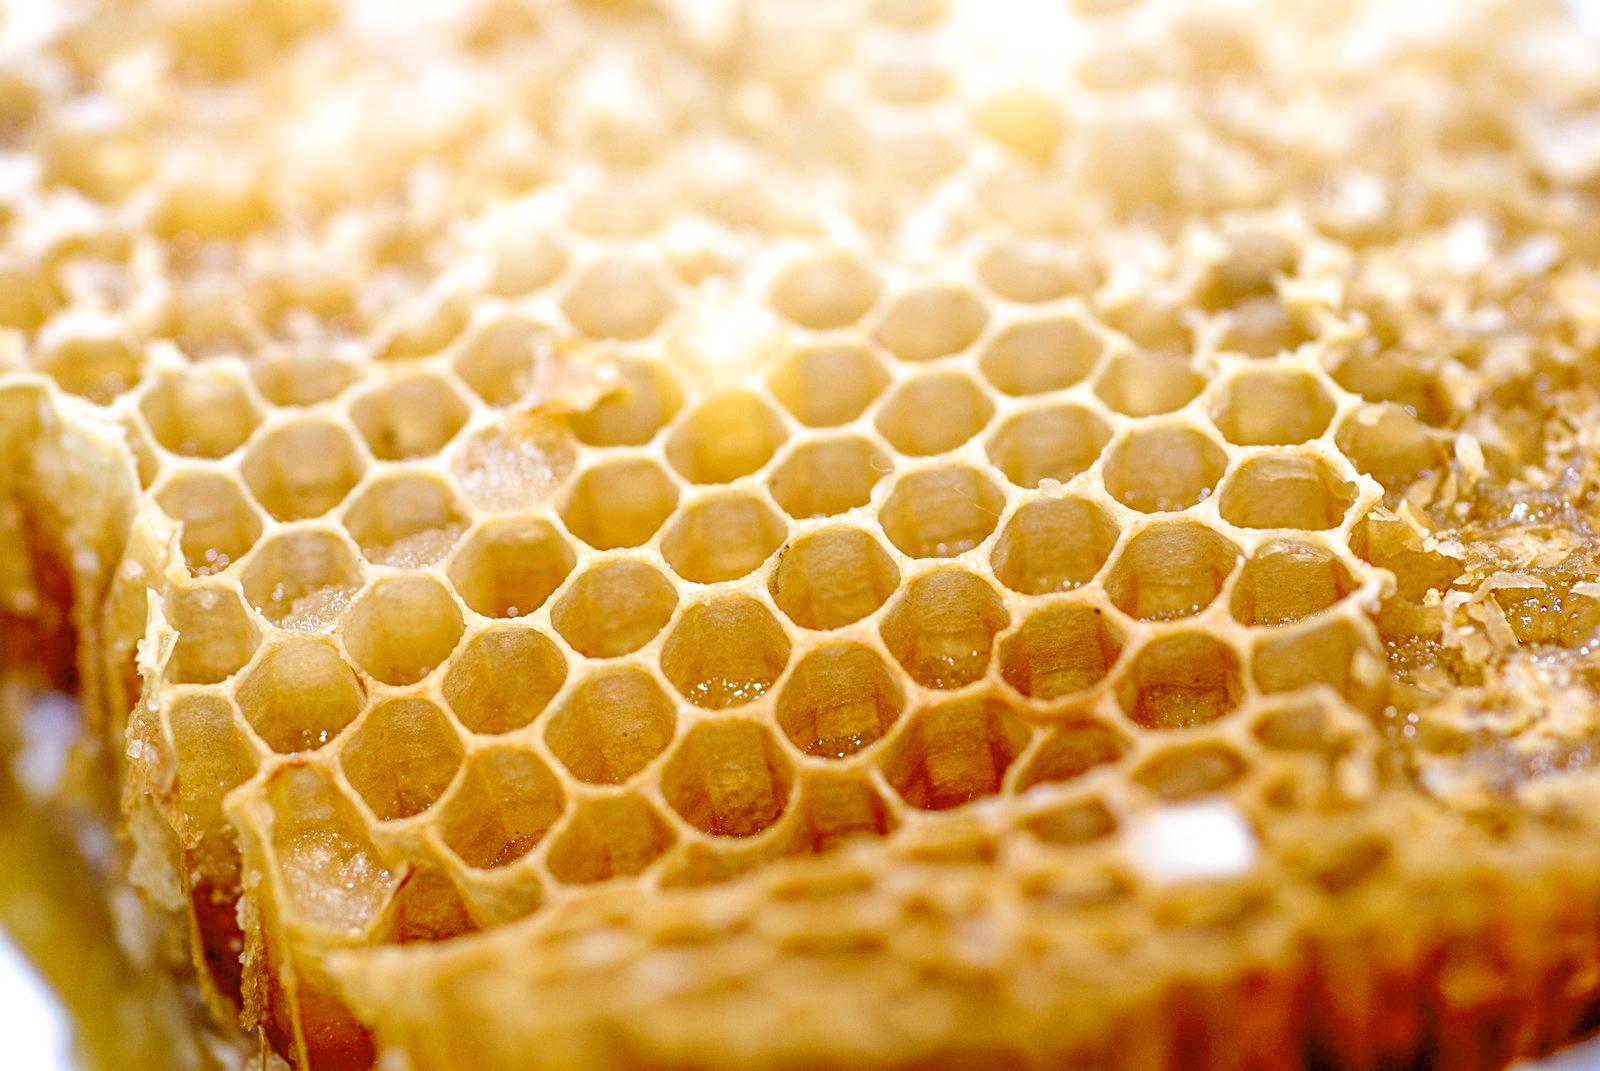 Широкое применение воска пчел – от косметологии до авиационной промышленности!